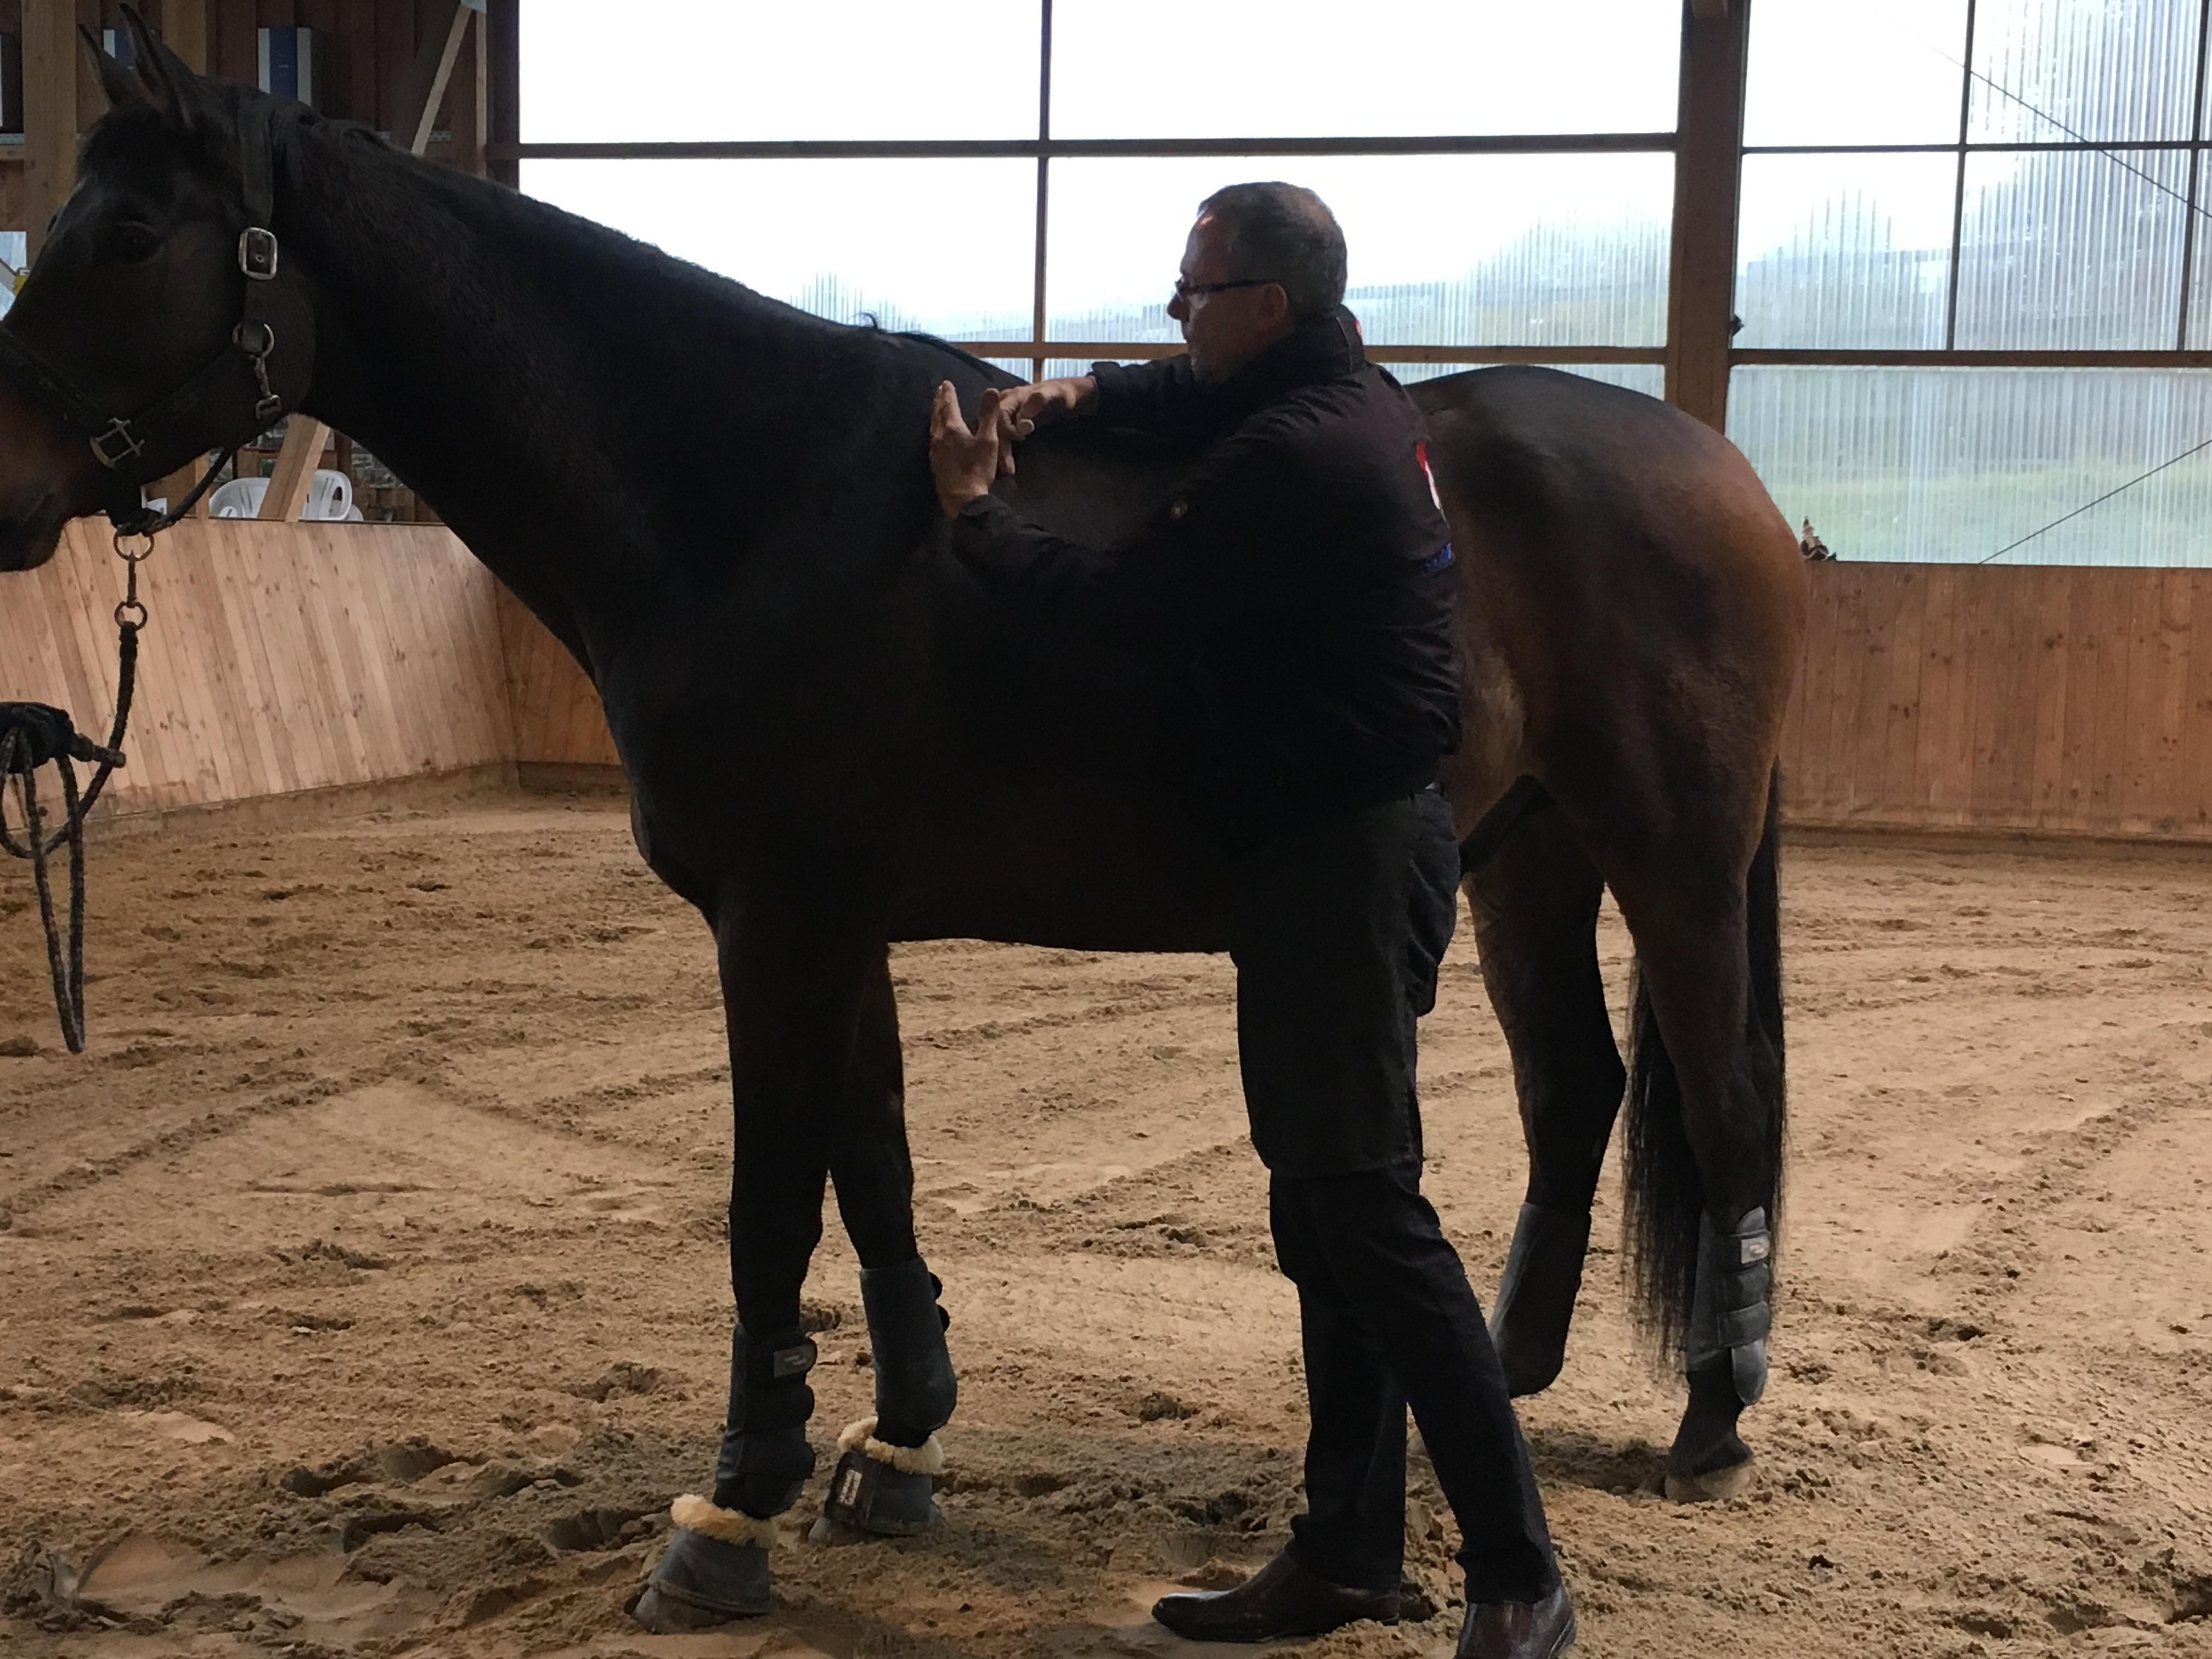 Diese Gurte Schnüren Dem Pferd Die Luft Ab, Da Sie Beim Ausatmen Immer  Enger Werden! Daher Nennt Man Sie Auch Pyton Gurteu2026